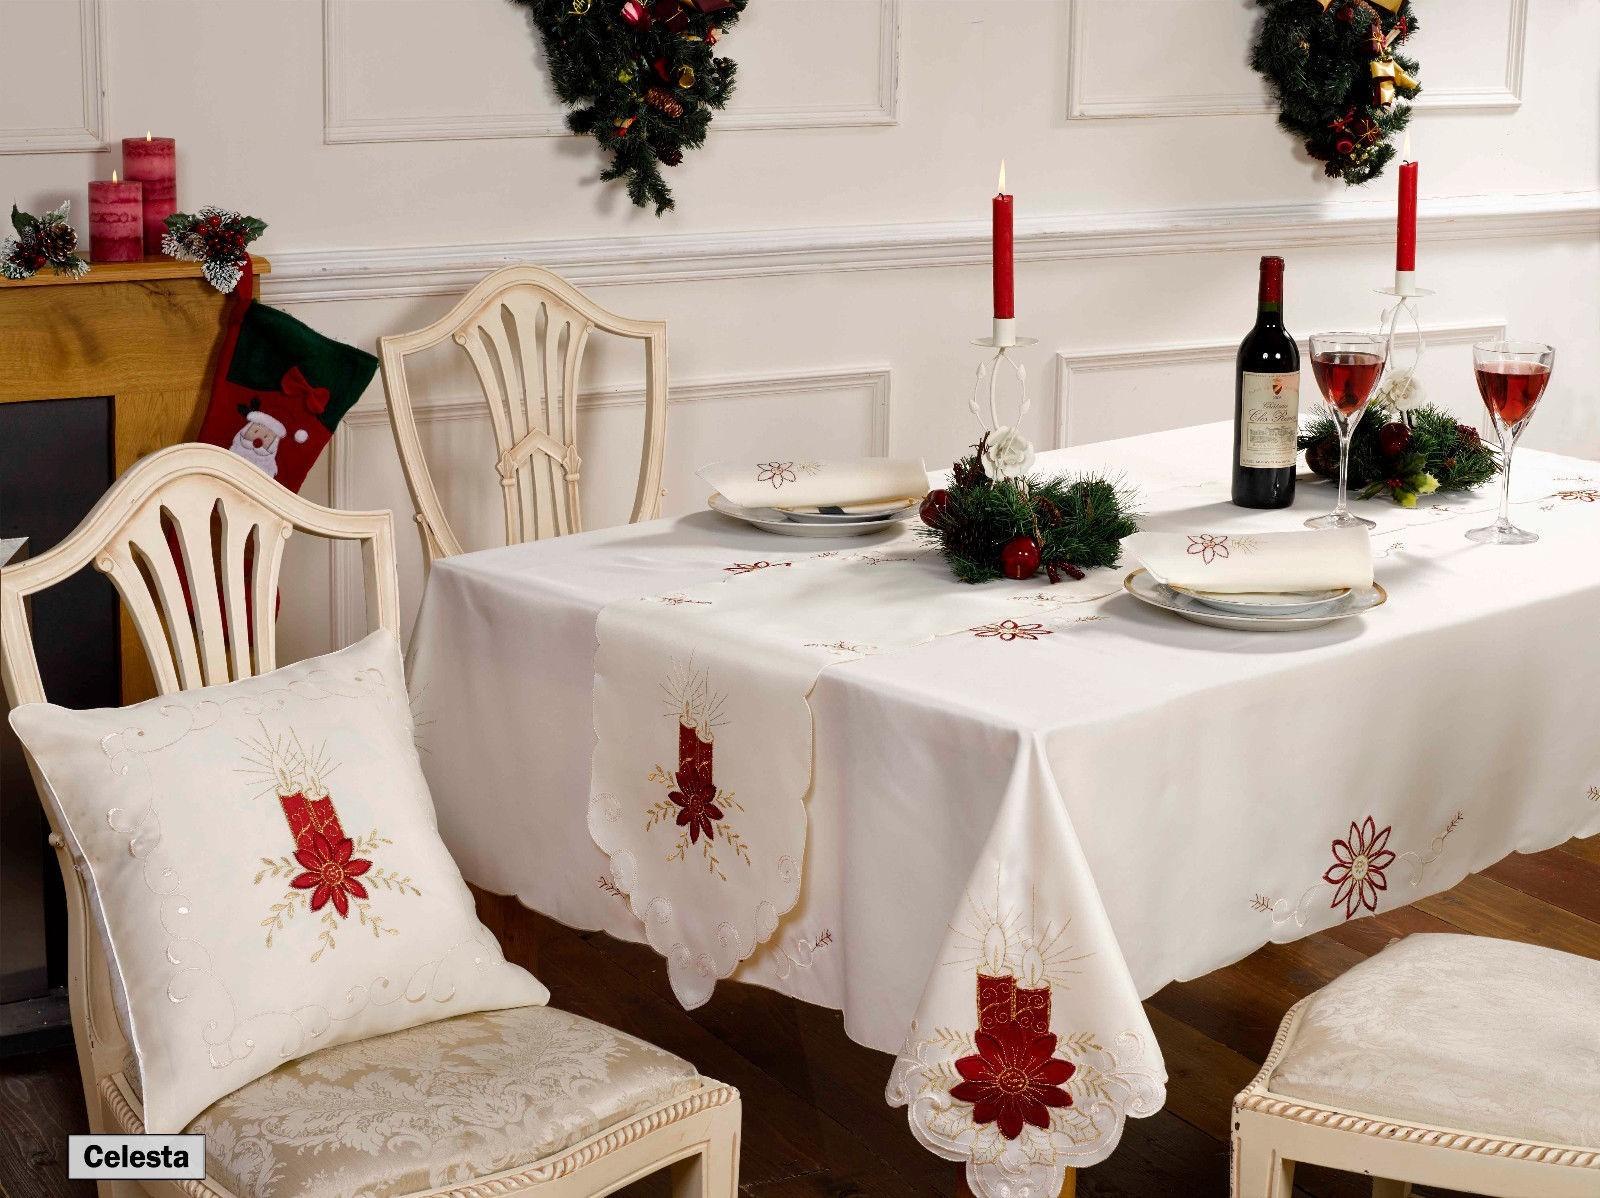 Natale tovaglie runner da tavolo tovaglioli o cuscini ebay - Runner da tavolo ...